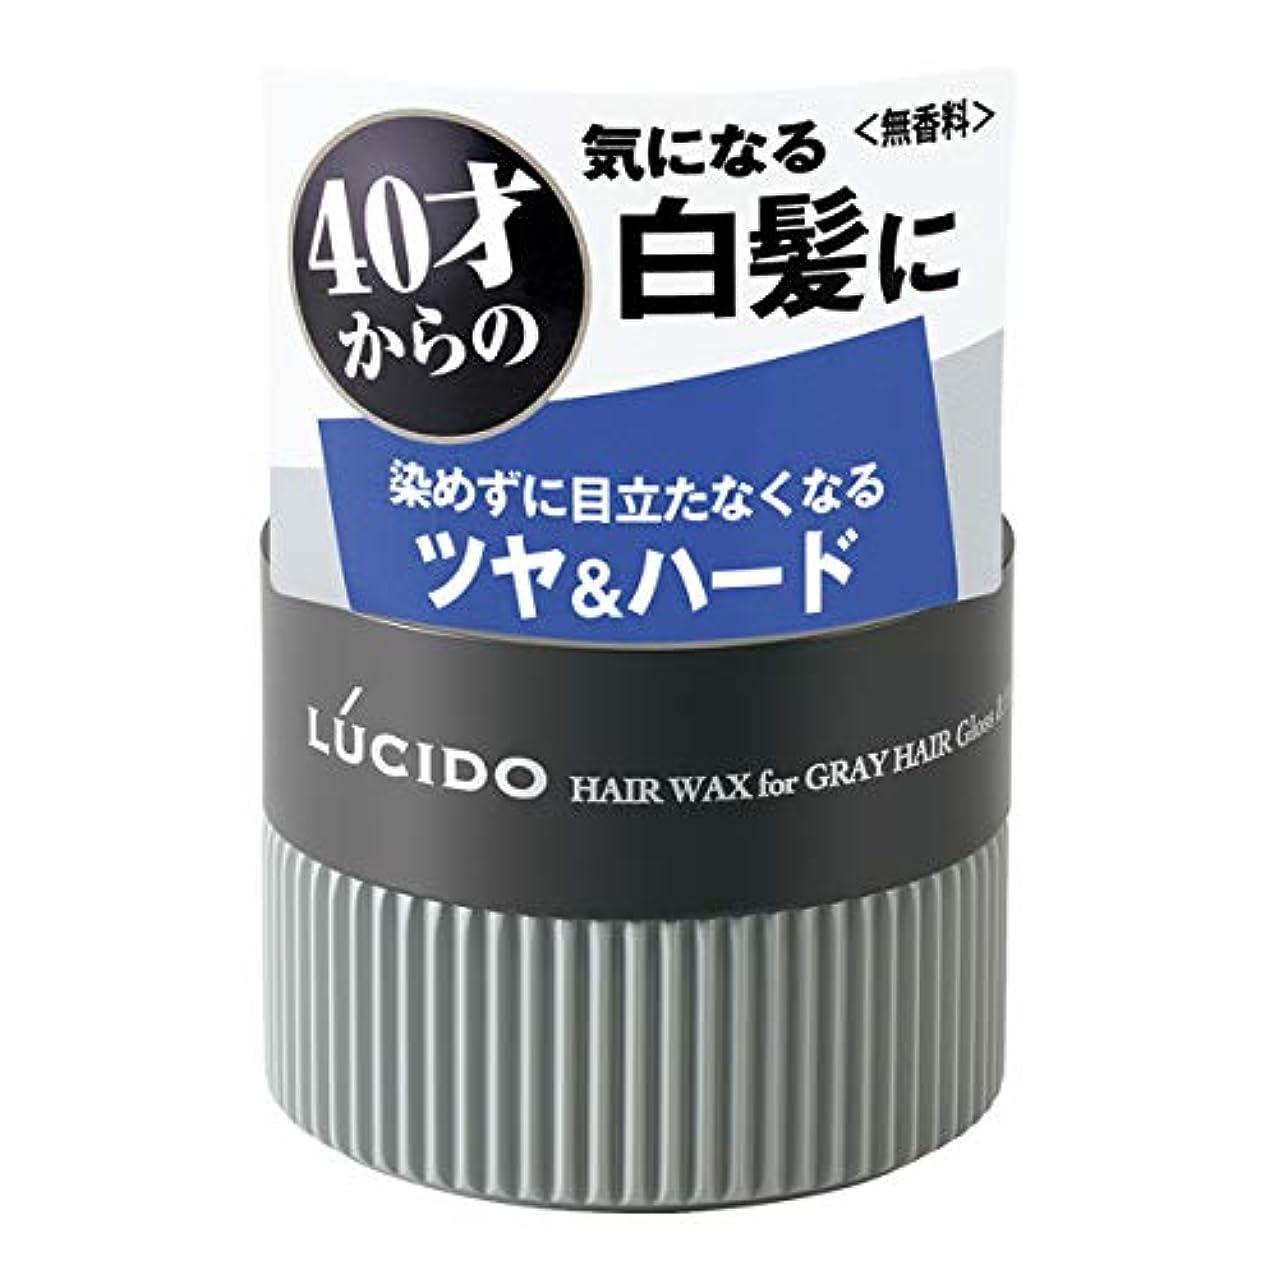 ドロップ時々大胆LUCIDO(ルシード) ヘアワックス 白髪用ワックス グロス&ハード 80g